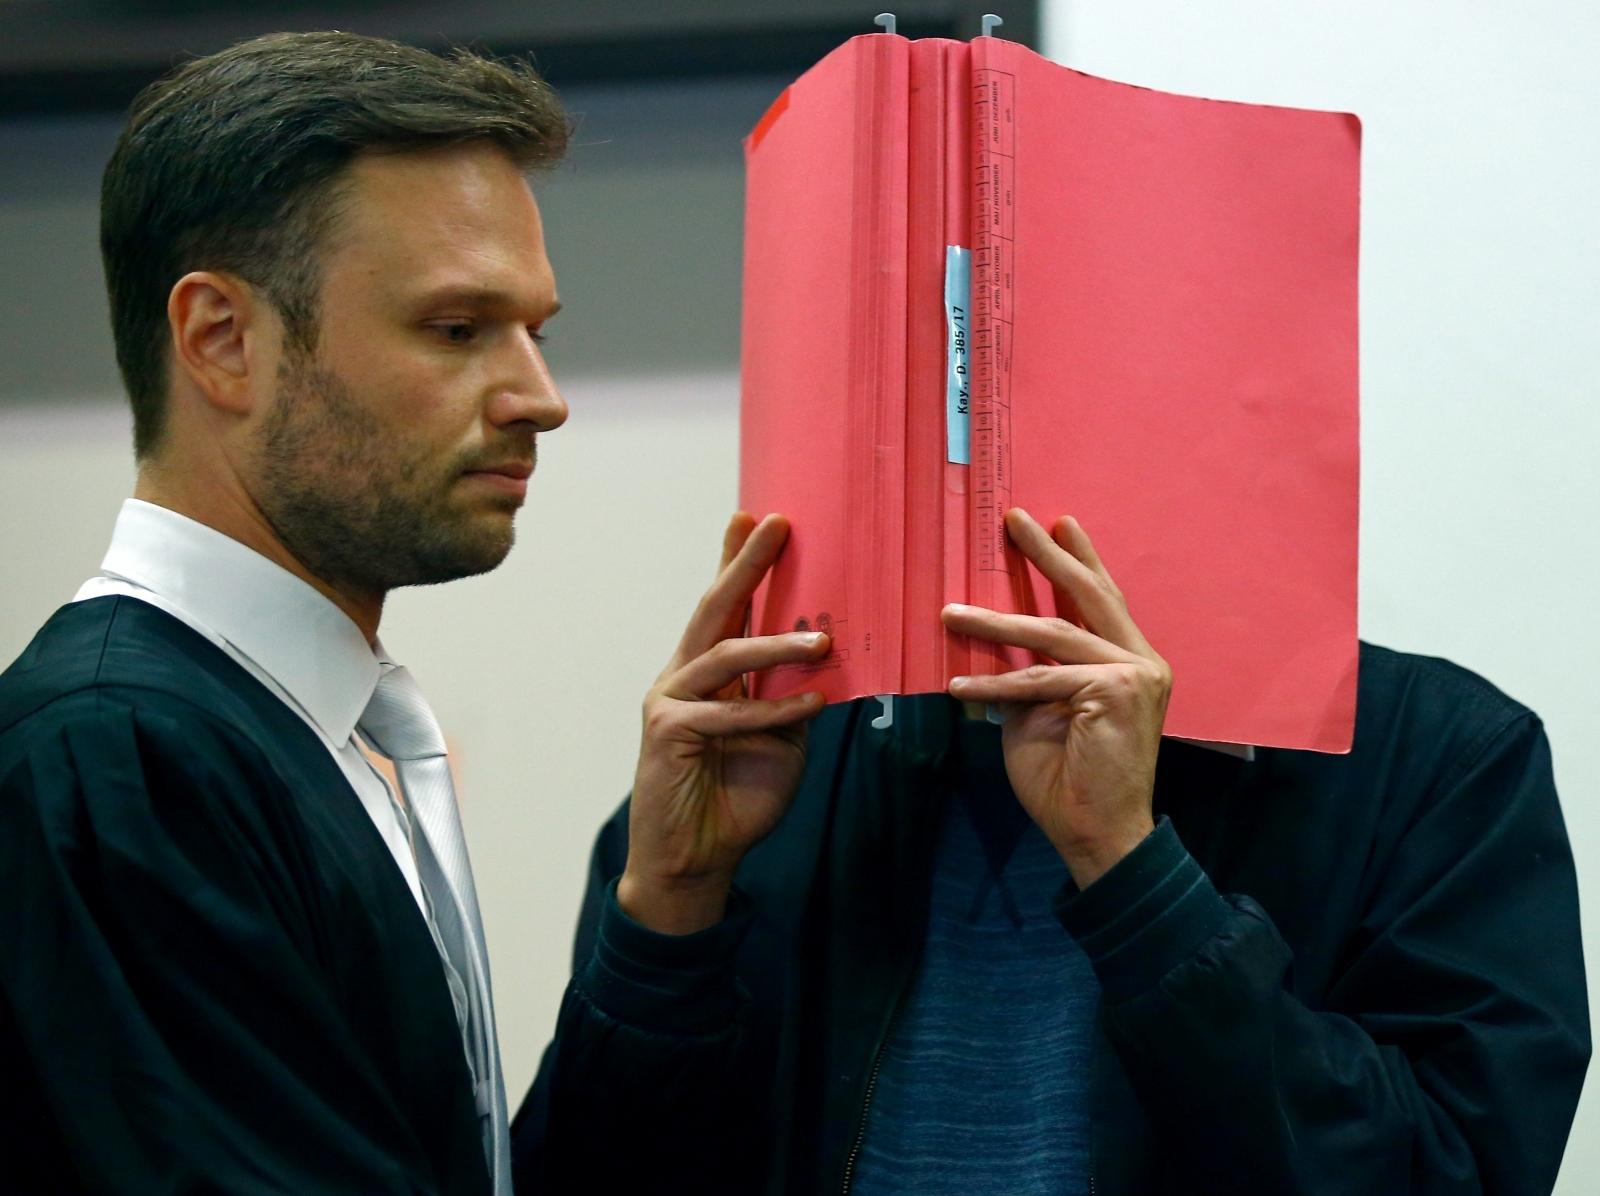 Deutsche Telekom hacker sentenced